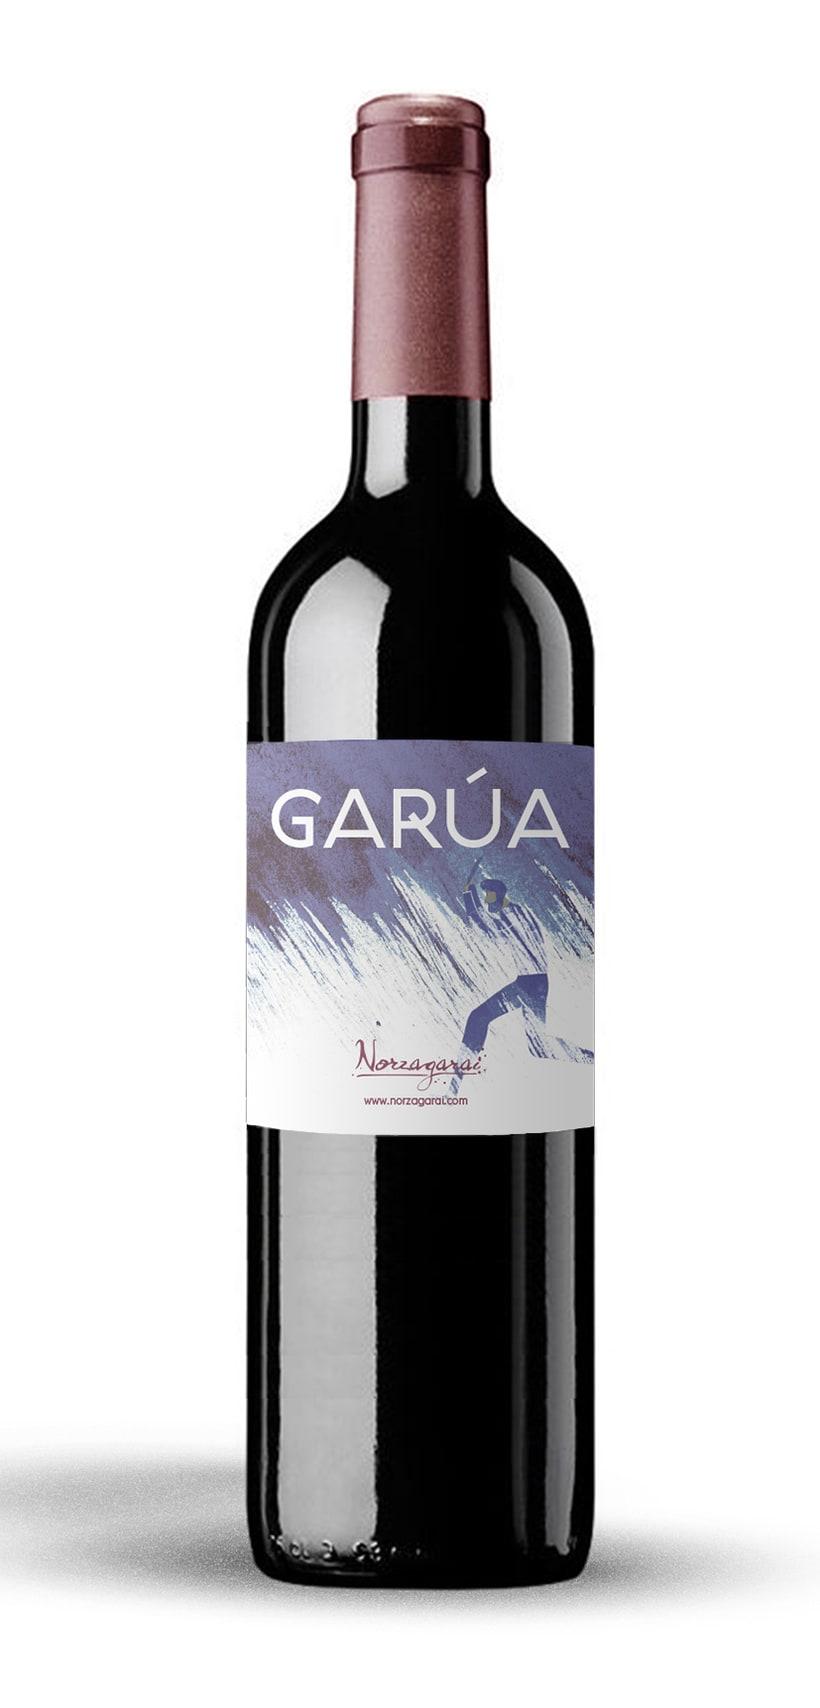 Diseño de la etiqueta de vino tinto Garúa de Bodegas Norzagarai 0